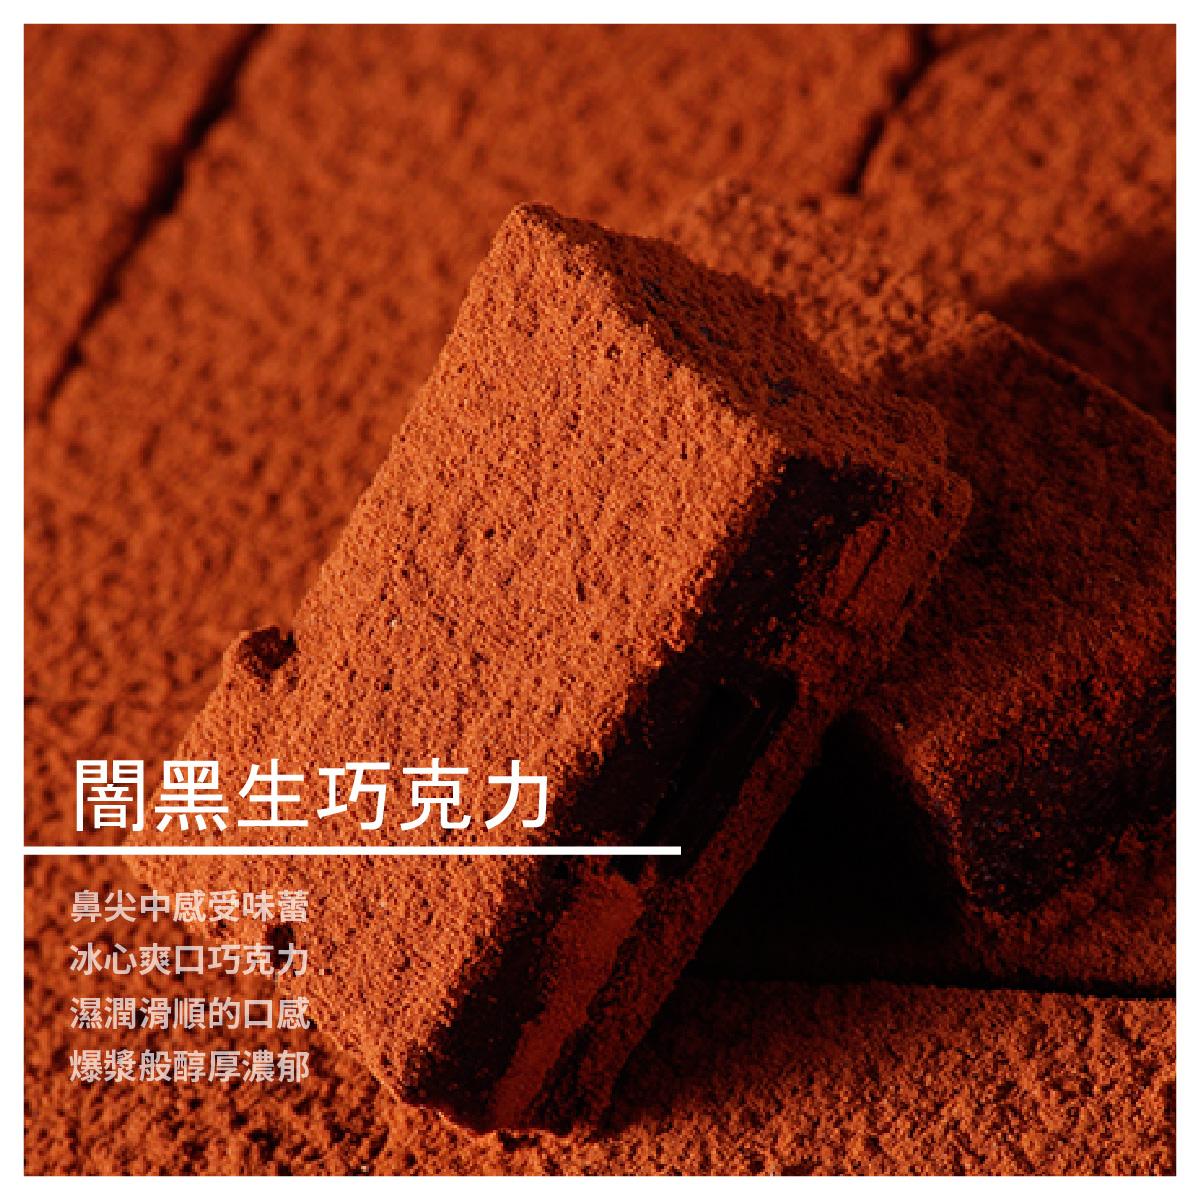 【達克闇黑工場】闇黑生巧克力/30片/2款口味